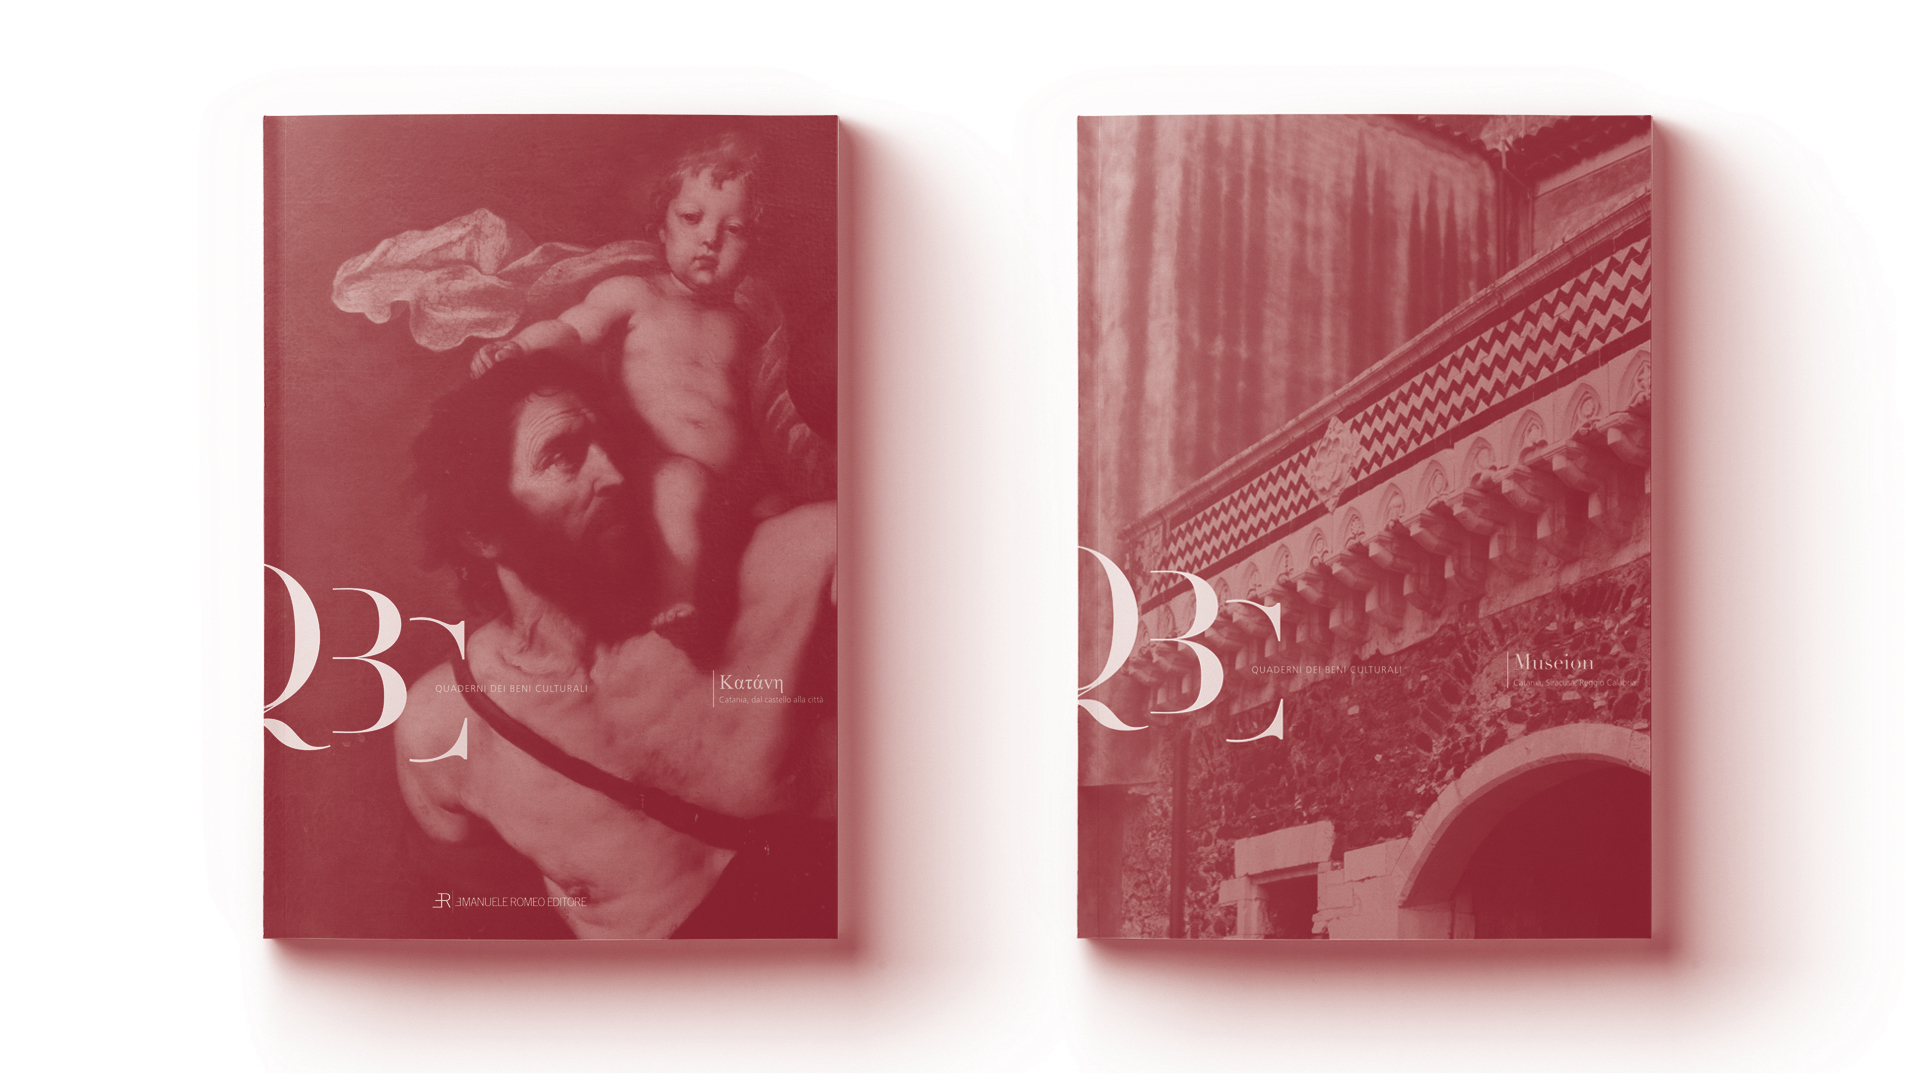 DAPL09 – Comunicazione e valorizzazione del patrimonio artistico contemporaneo